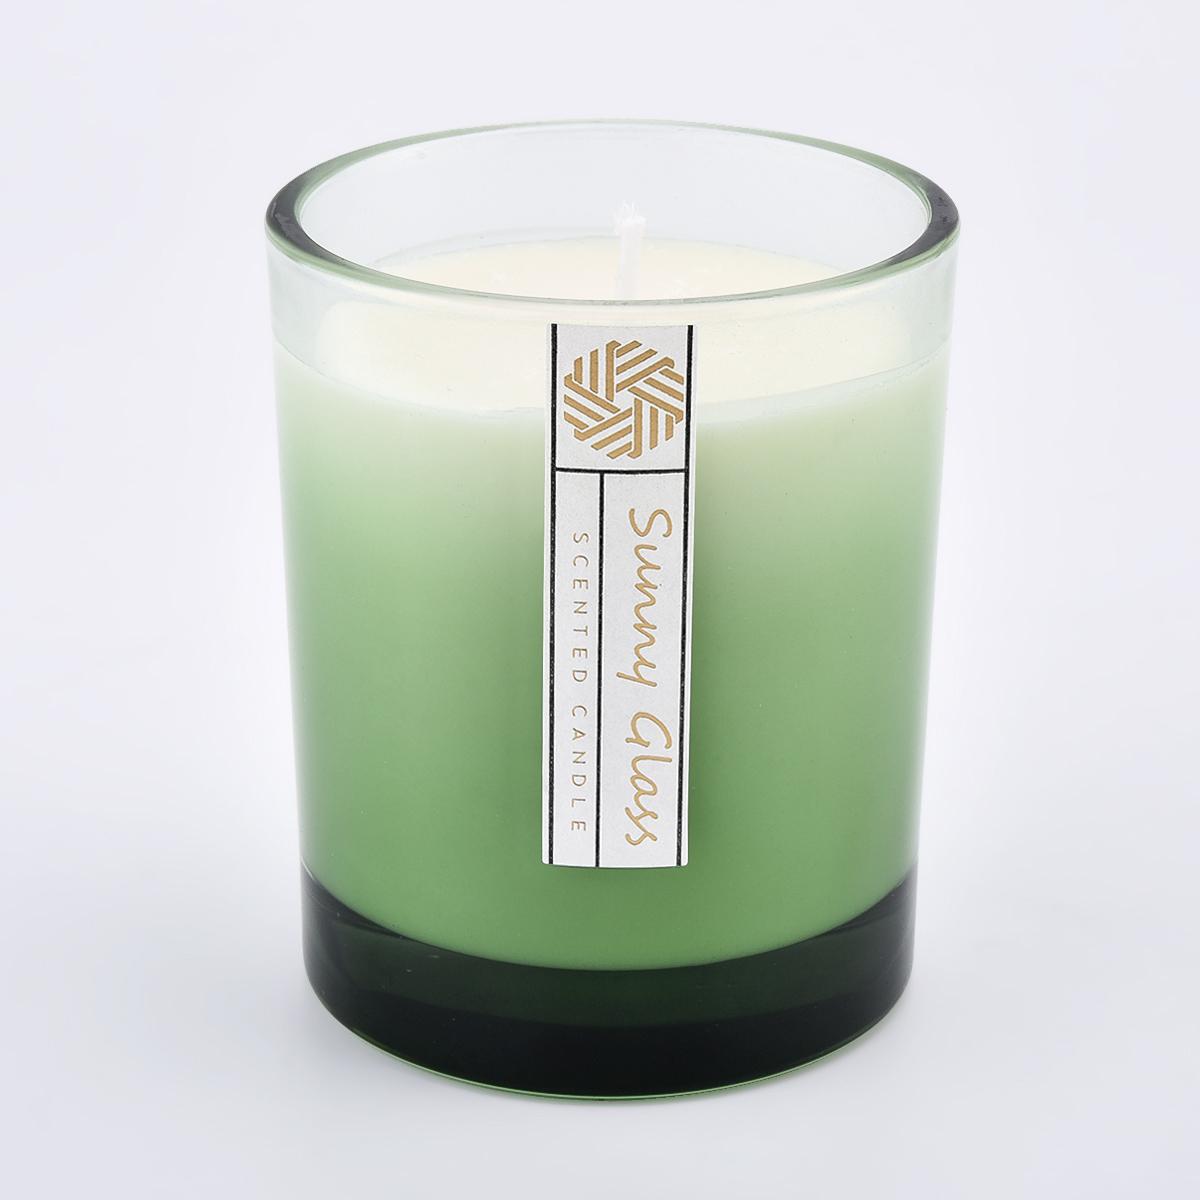 Popüler 10 oz püskürtme gradyan rengi dış cam mum jar mum yapımı için